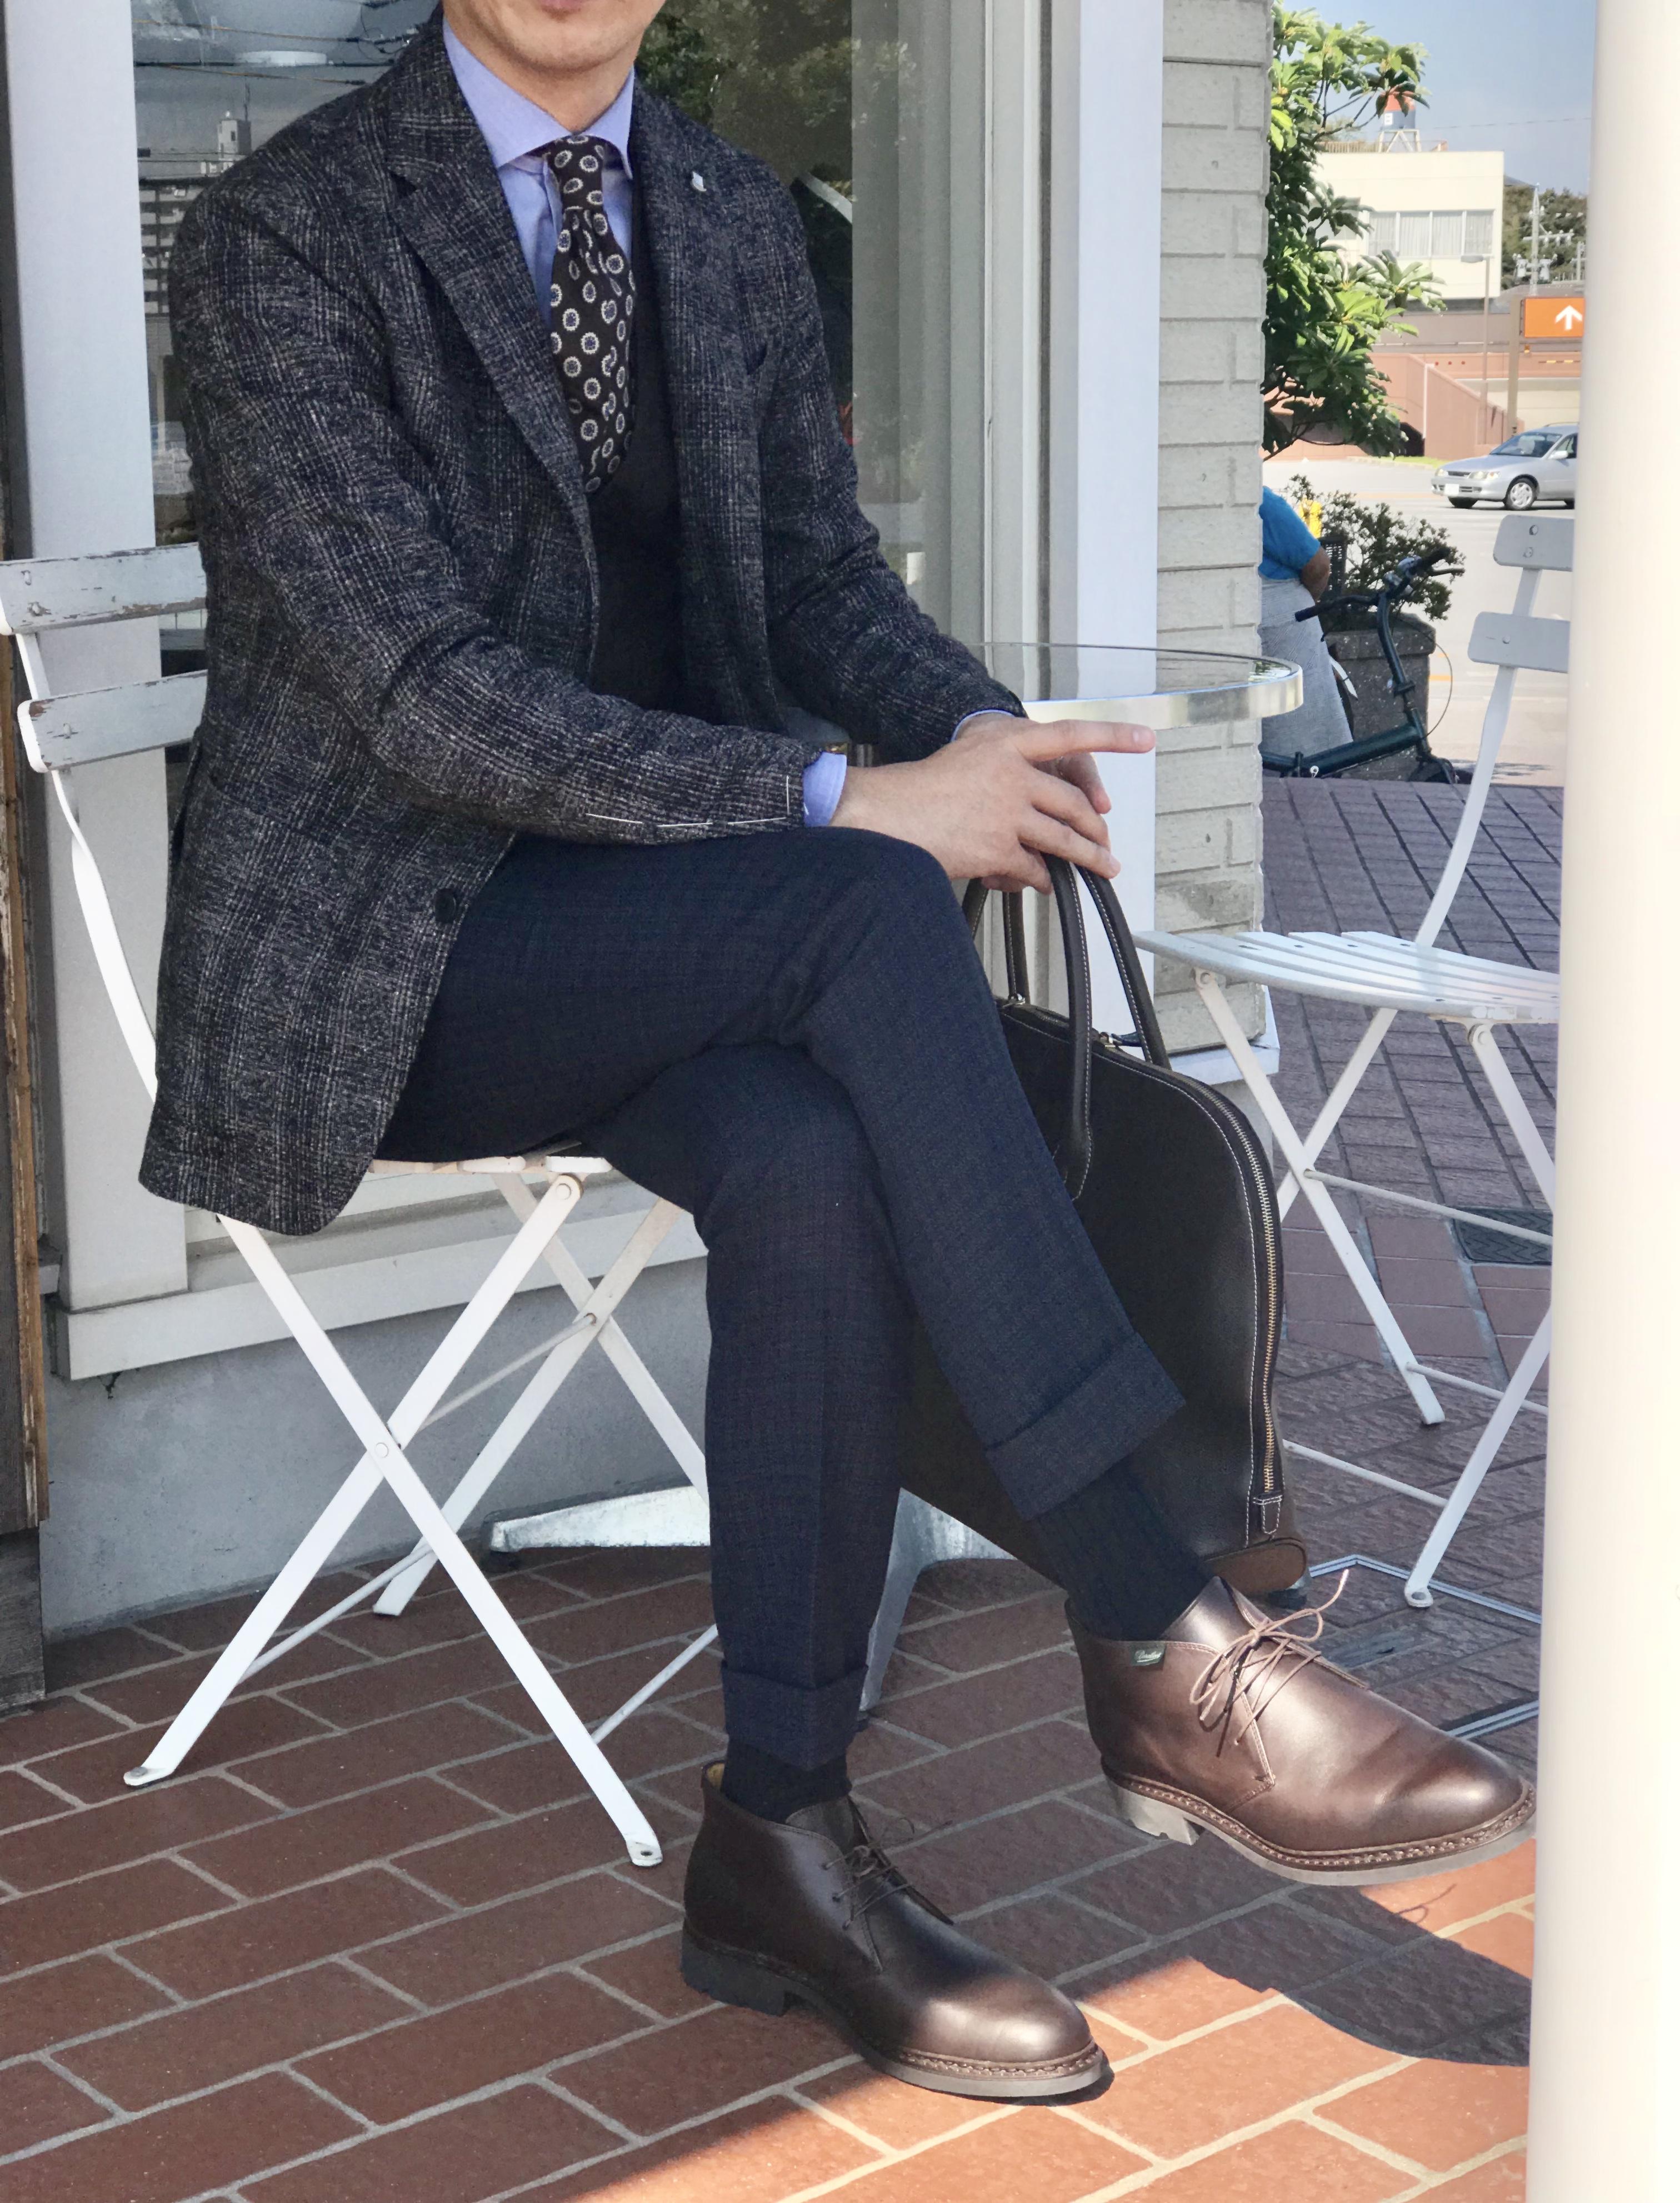 ビジネスでも着回せる秋のジャケットスタイル! 【TAGLIATORE】「MONTECARLO」アルパカ・コットン グレンチェック柄ジャケット!!